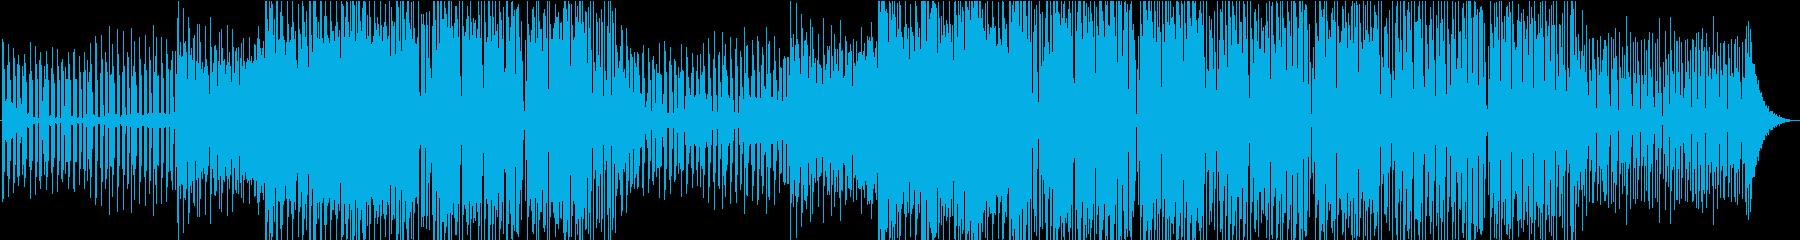 サックスとクールなシンセサウンドを...の再生済みの波形